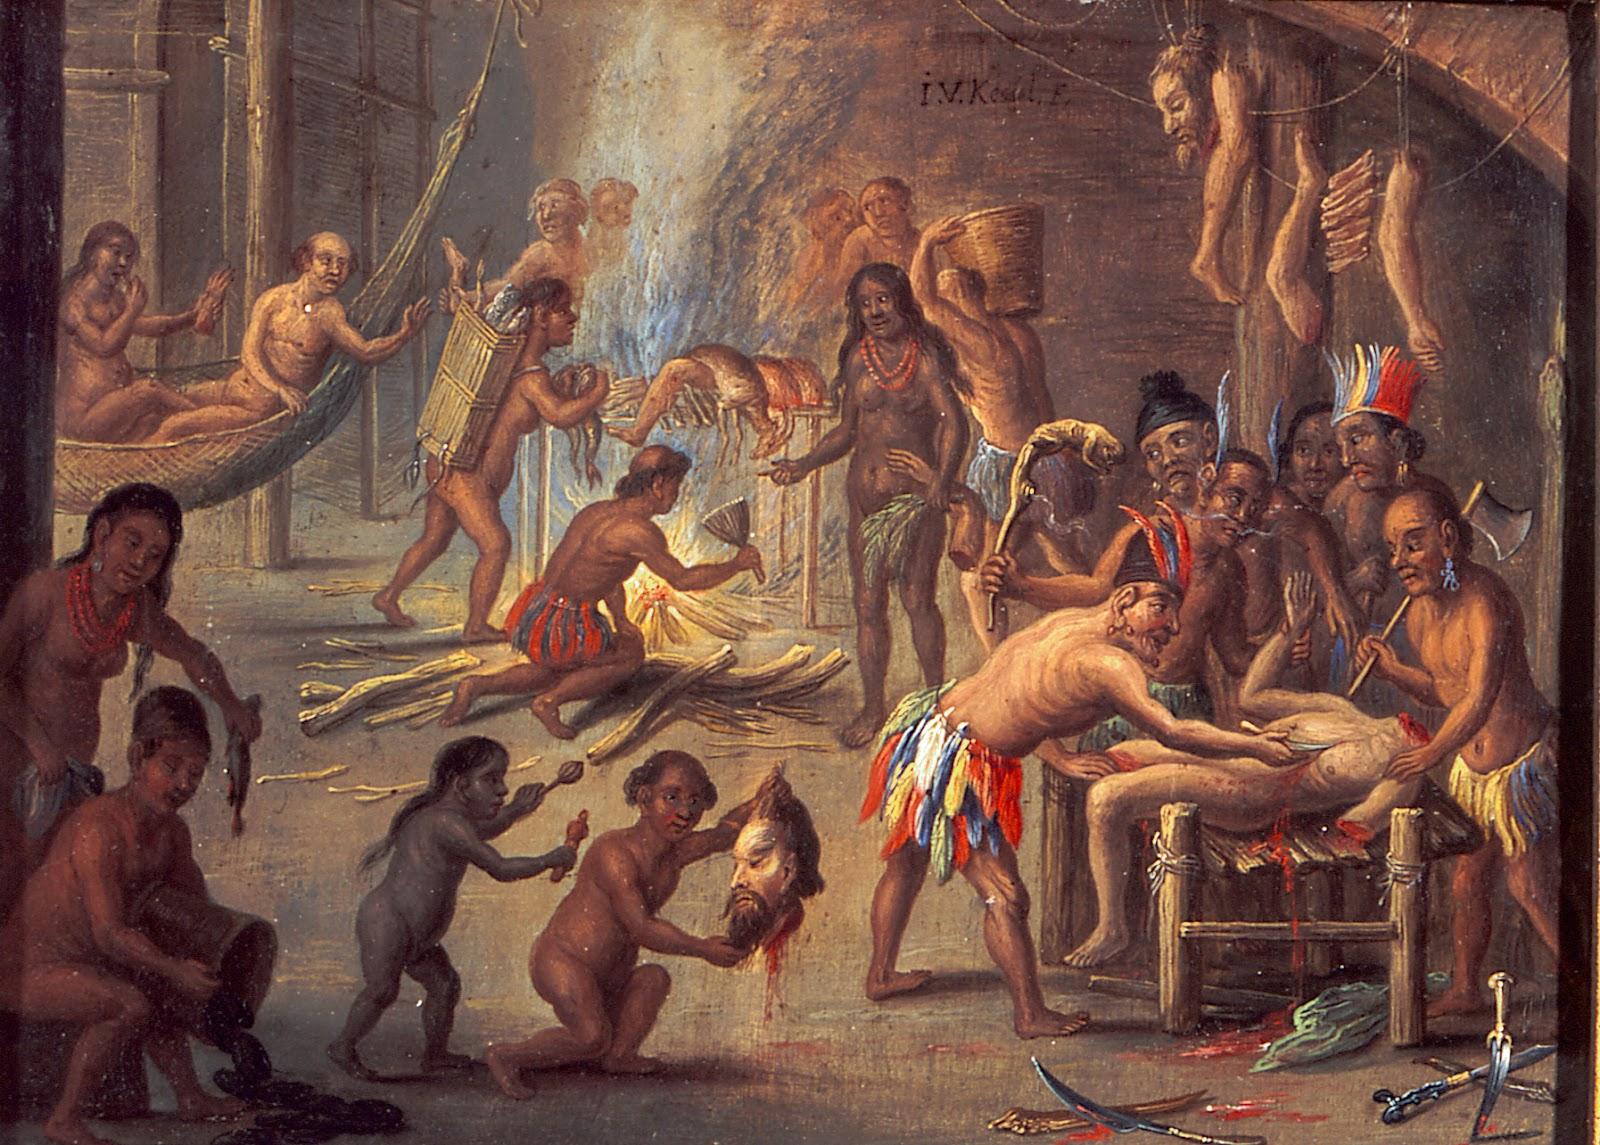 Festa da carne de verdade é aqui! O canibalismo no fantástico (Parte 1)